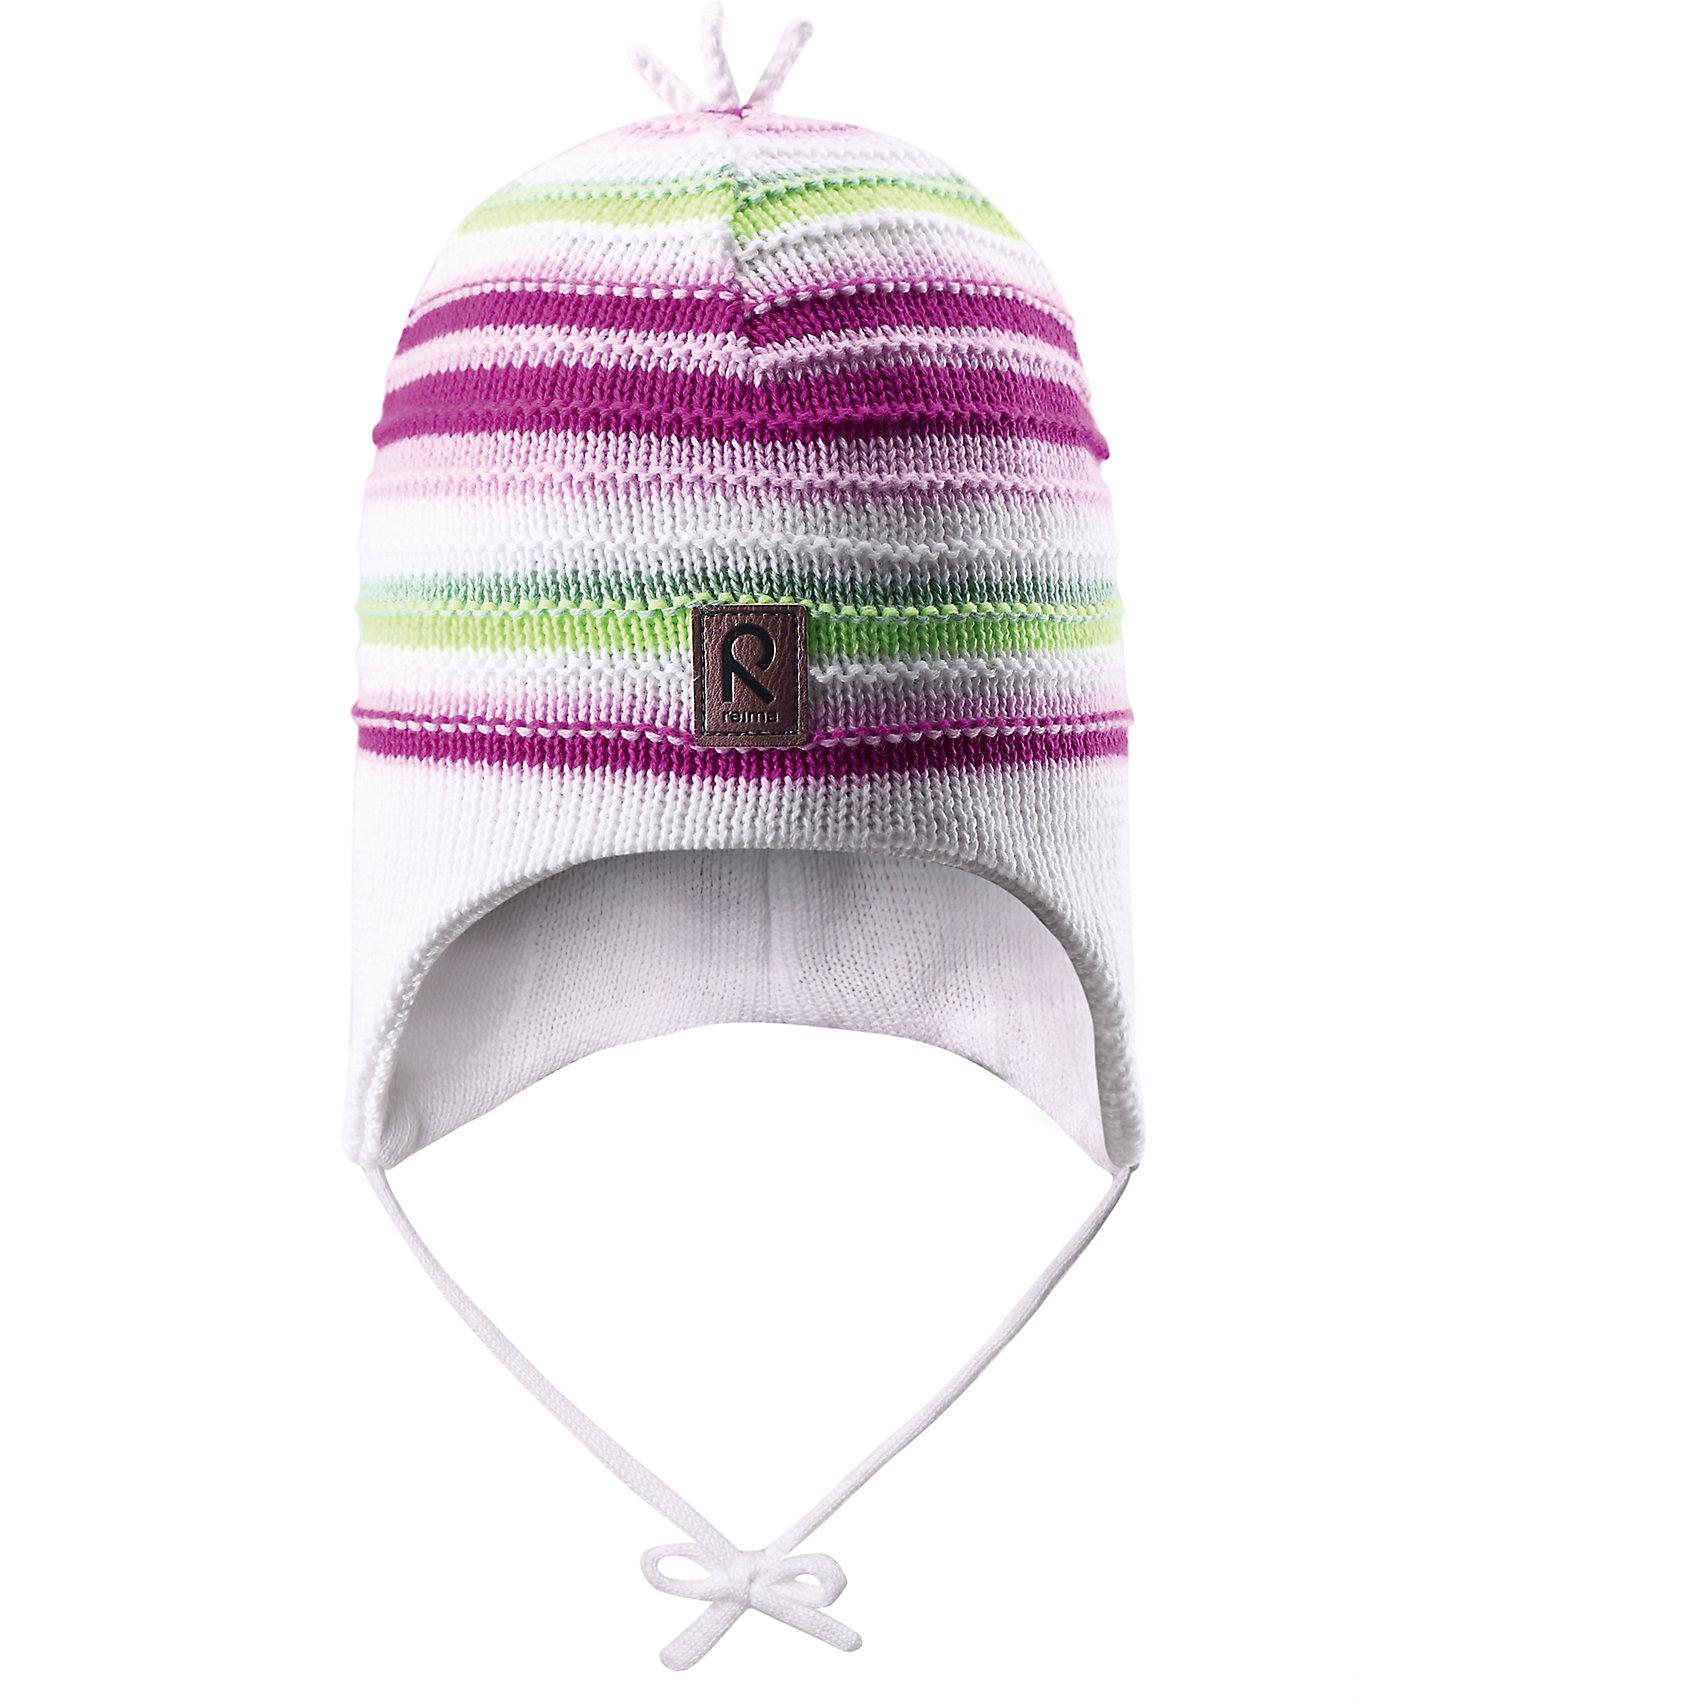 Шапка для девочки ReimaВесне мы дарим свежесть красок! Эта веселая полосатая шапочка для малышей — идеальный выбор для теплых весенних деньков. Она изготовлена из мягкого вязаного хлопка и имеет ветронепроницаемые вставки, которые обеспечат ушкам надежную защиту. <br><br>Дополнительная информация:<br><br>Шапка «Бини» для малышей<br>Эластичная хлопчатобумажная ткань<br>Ветронепроницаемые вставки в области ушей<br>Частичная подкладка: хлопчатобумажная ткань<br>Логотип Reima® спереди<br>Состав:<br>100% хлопок<br>Уход:<br>Стирать по отдельности, вывернув наизнанку. Придать первоначальную форму вo влажном виде. Возможна усадка 5 %.<br><br>Ширина мм: 89<br>Глубина мм: 117<br>Высота мм: 44<br>Вес г: 155<br>Цвет: белый<br>Возраст от месяцев: 9<br>Возраст до месяцев: 12<br>Пол: Женский<br>Возраст: Детский<br>Размер: 46,48,52,50<br>SKU: 4498050